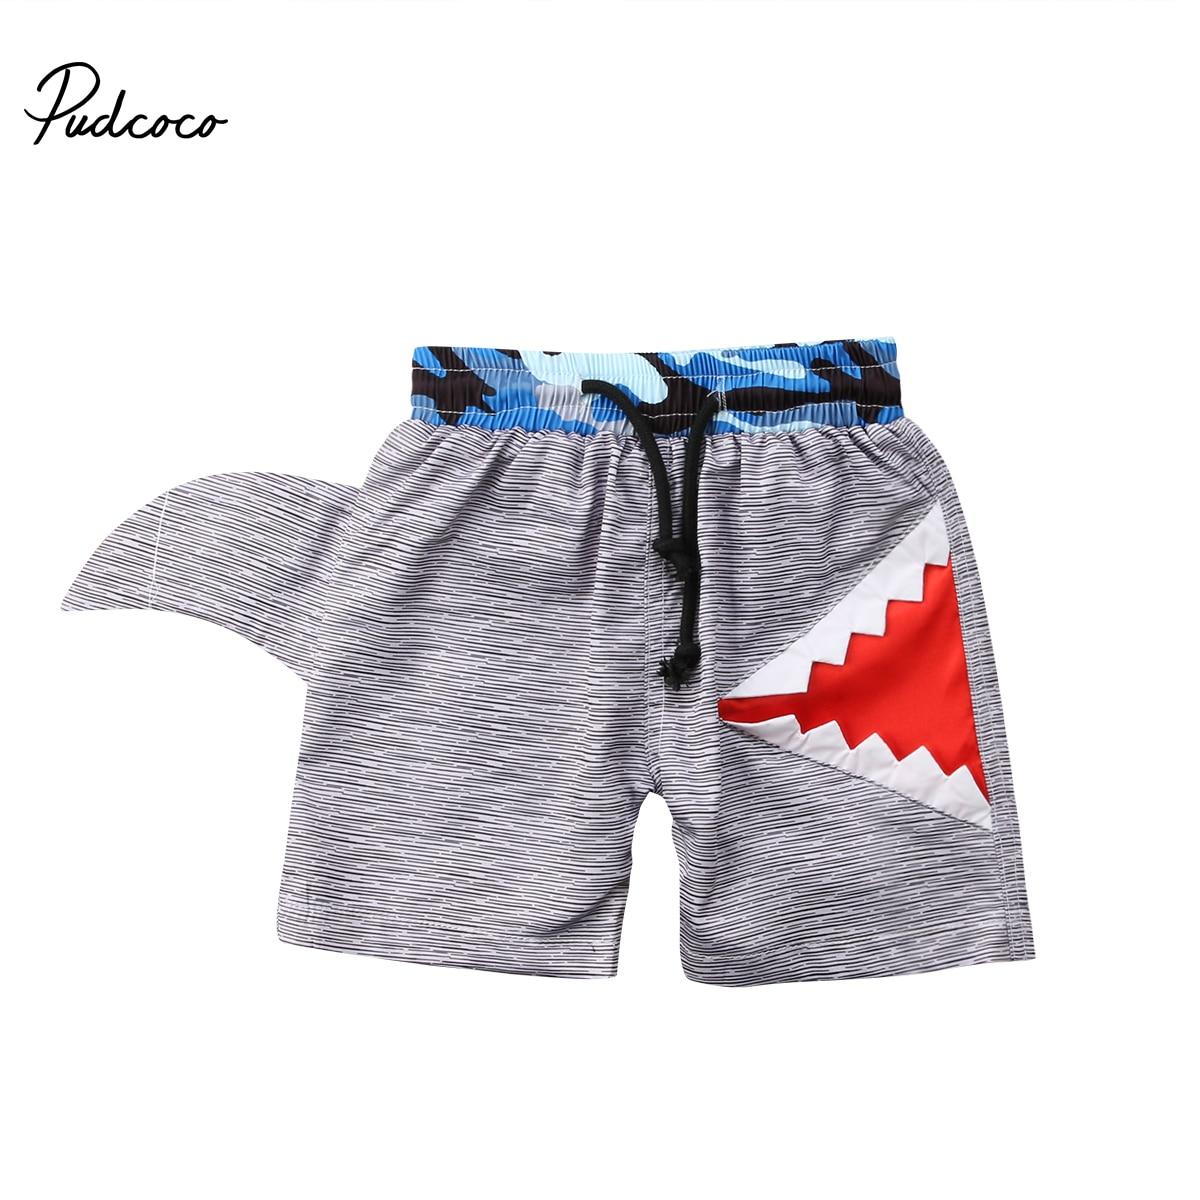 Shorts Jungen Kleidung KüHn Pudcoco Kinder Jungen Shorts Cartoon Shark Hohe Taille Beachwear Shorts 0-7 Jahre Helen115